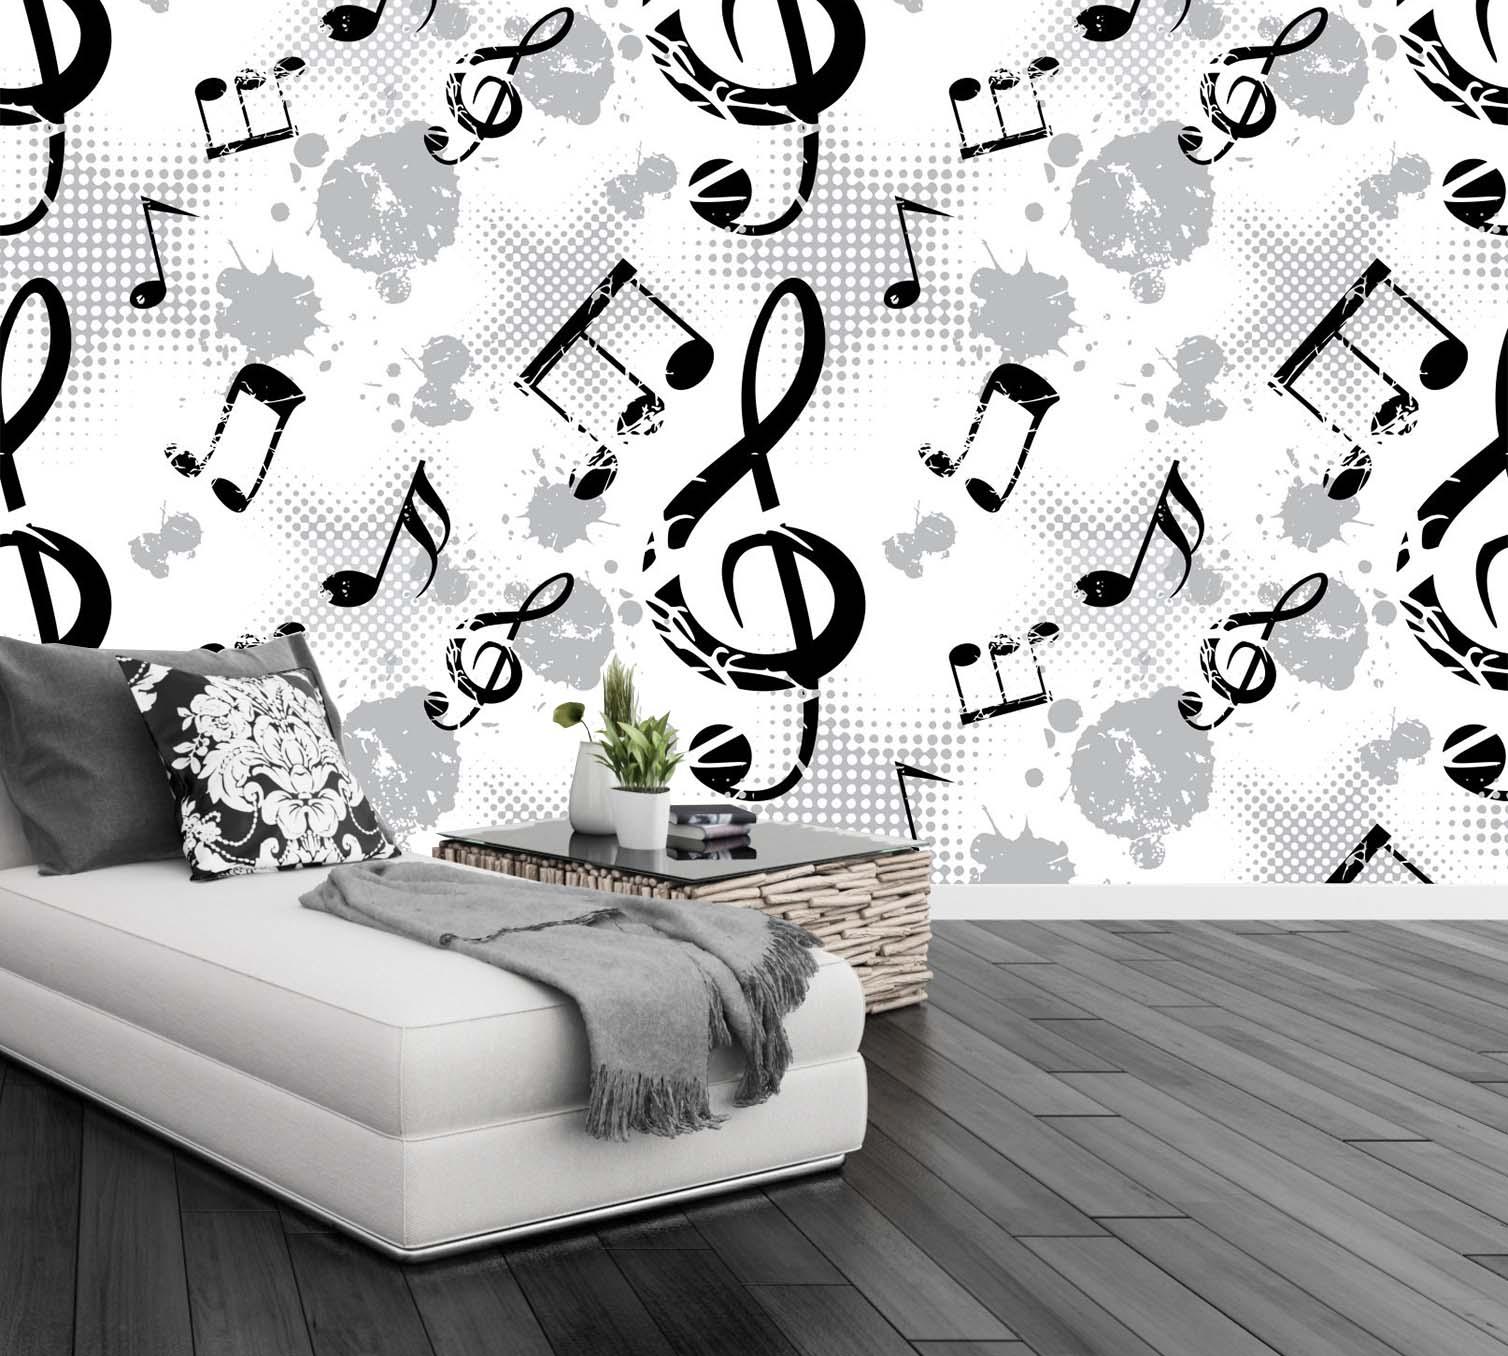 Genç-Odası-Duvar-Kağıdı-Modelleri-3 Genç Odası Duvar Kağıdı Modelleri